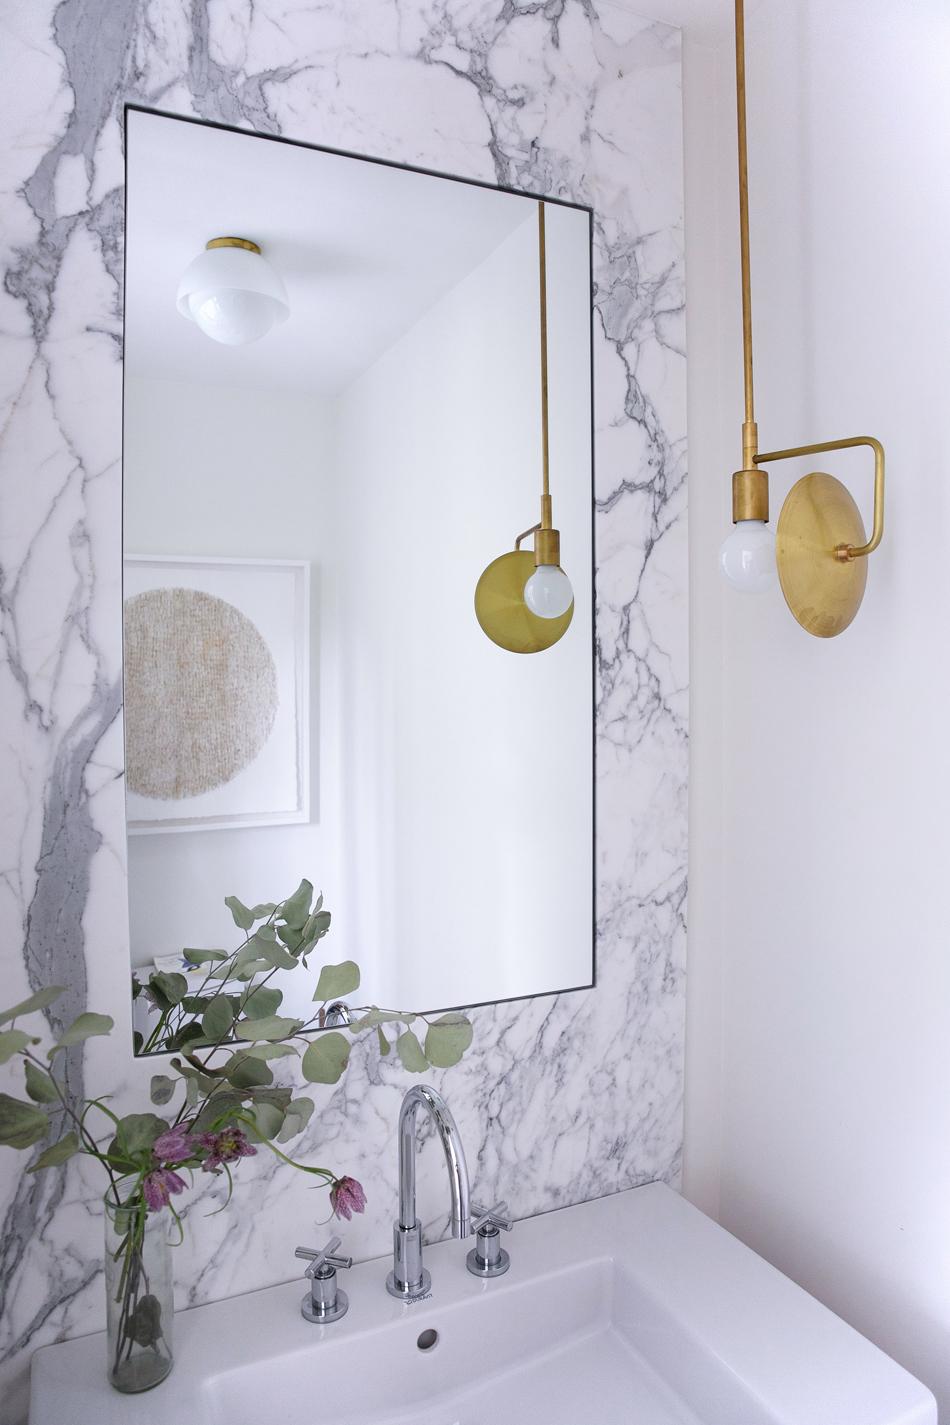 Lawson-Brookline-Katz-Kitchen-small-bath_WEB.jpg